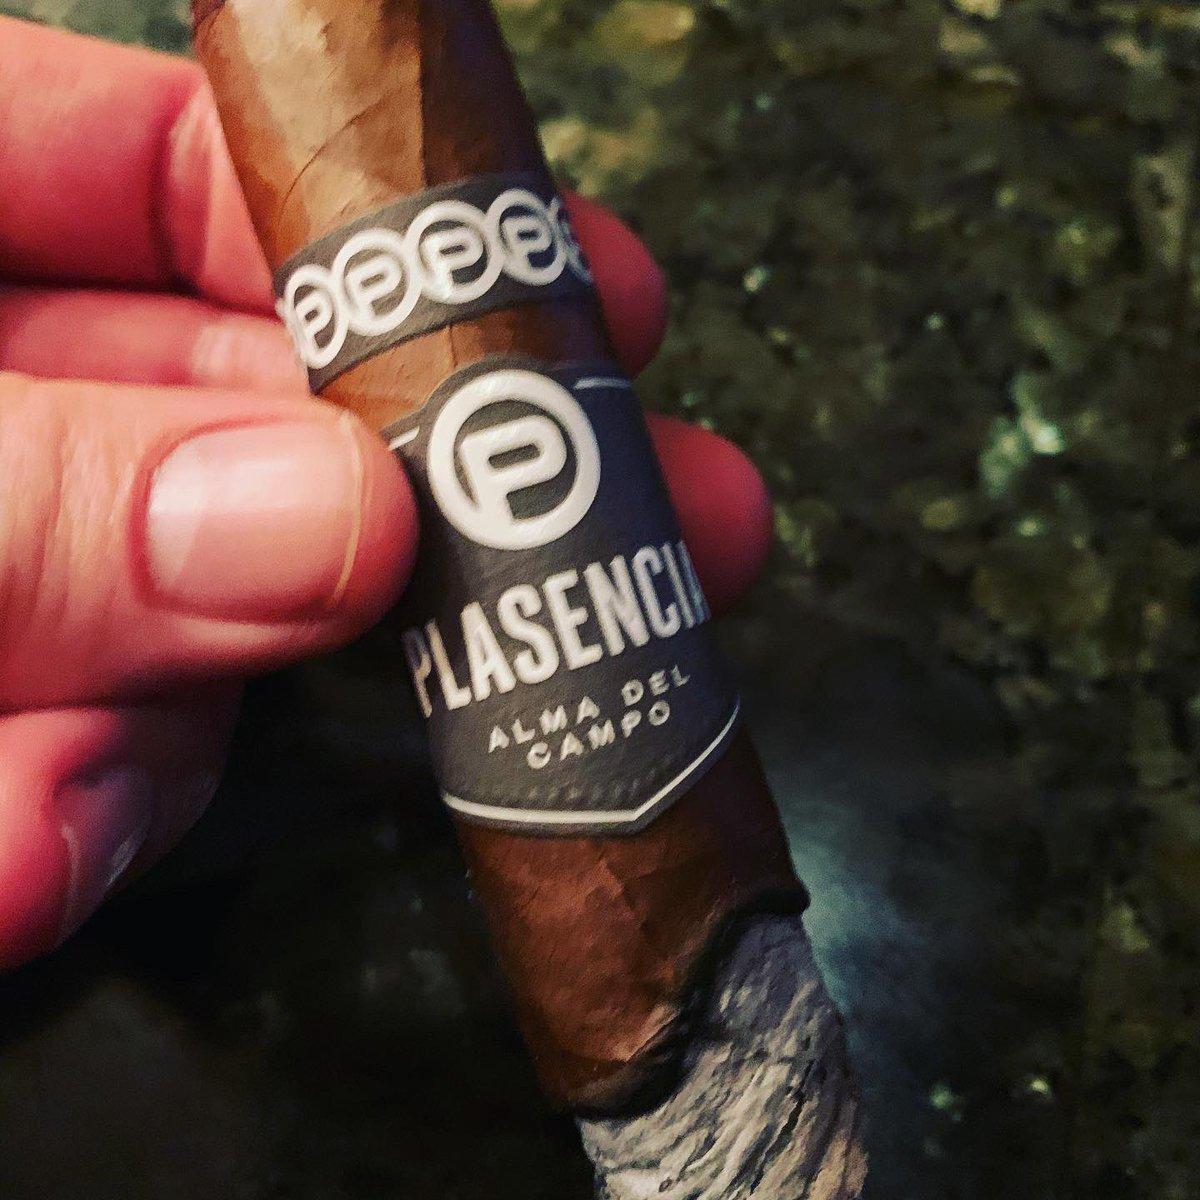 Plasencia Alma del Campo🔥🔥🔥💨💨💨a favorite 😉  #cigar #cigars #botl #sotl #humidor #smoking #cigarlife #cigarlifestyle #cigarro #cigarians #pssita #cigarlover #cigarworld #cigarpic #cigarsocialclub #cigarlifeguy #nowsmoking  #cigarswag https://t.co/ceKrMo6MMj